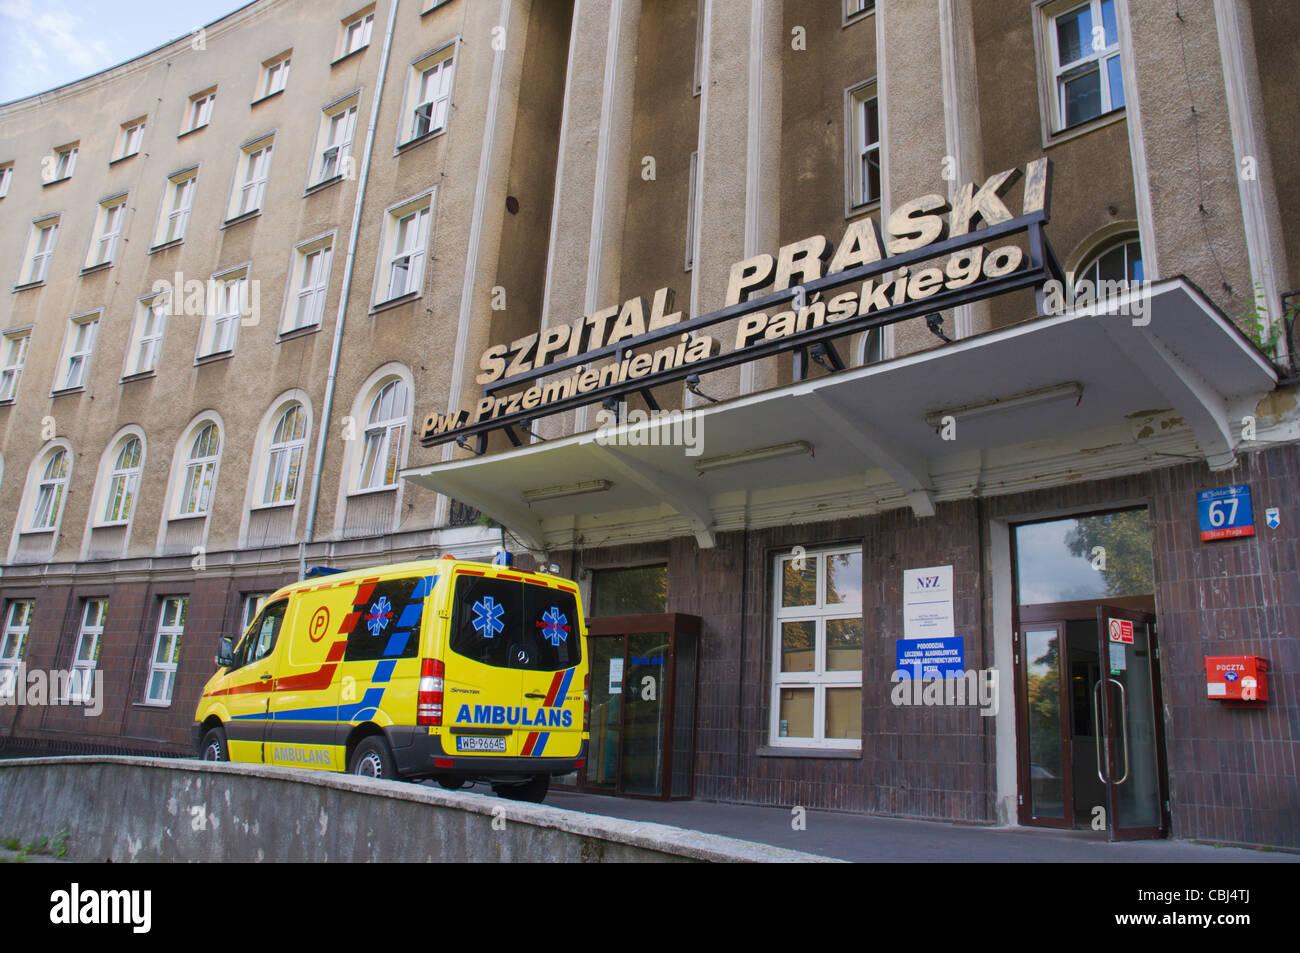 Szpital Praski hospital exterior Praga district Warsaw Poland Europe - Stock Image